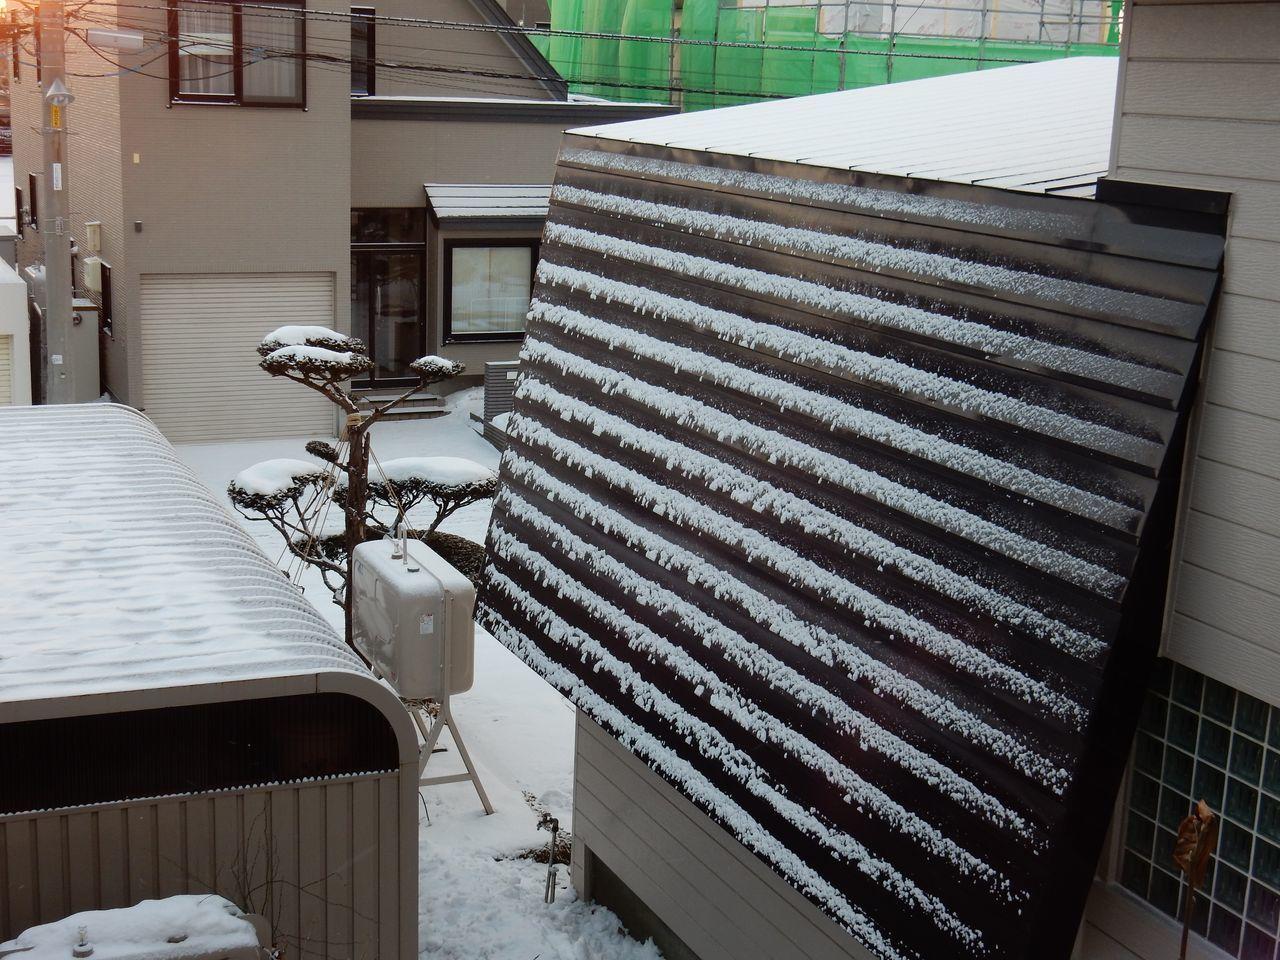 雪の少ないまま深まる真冬日_c0025115_18273486.jpg